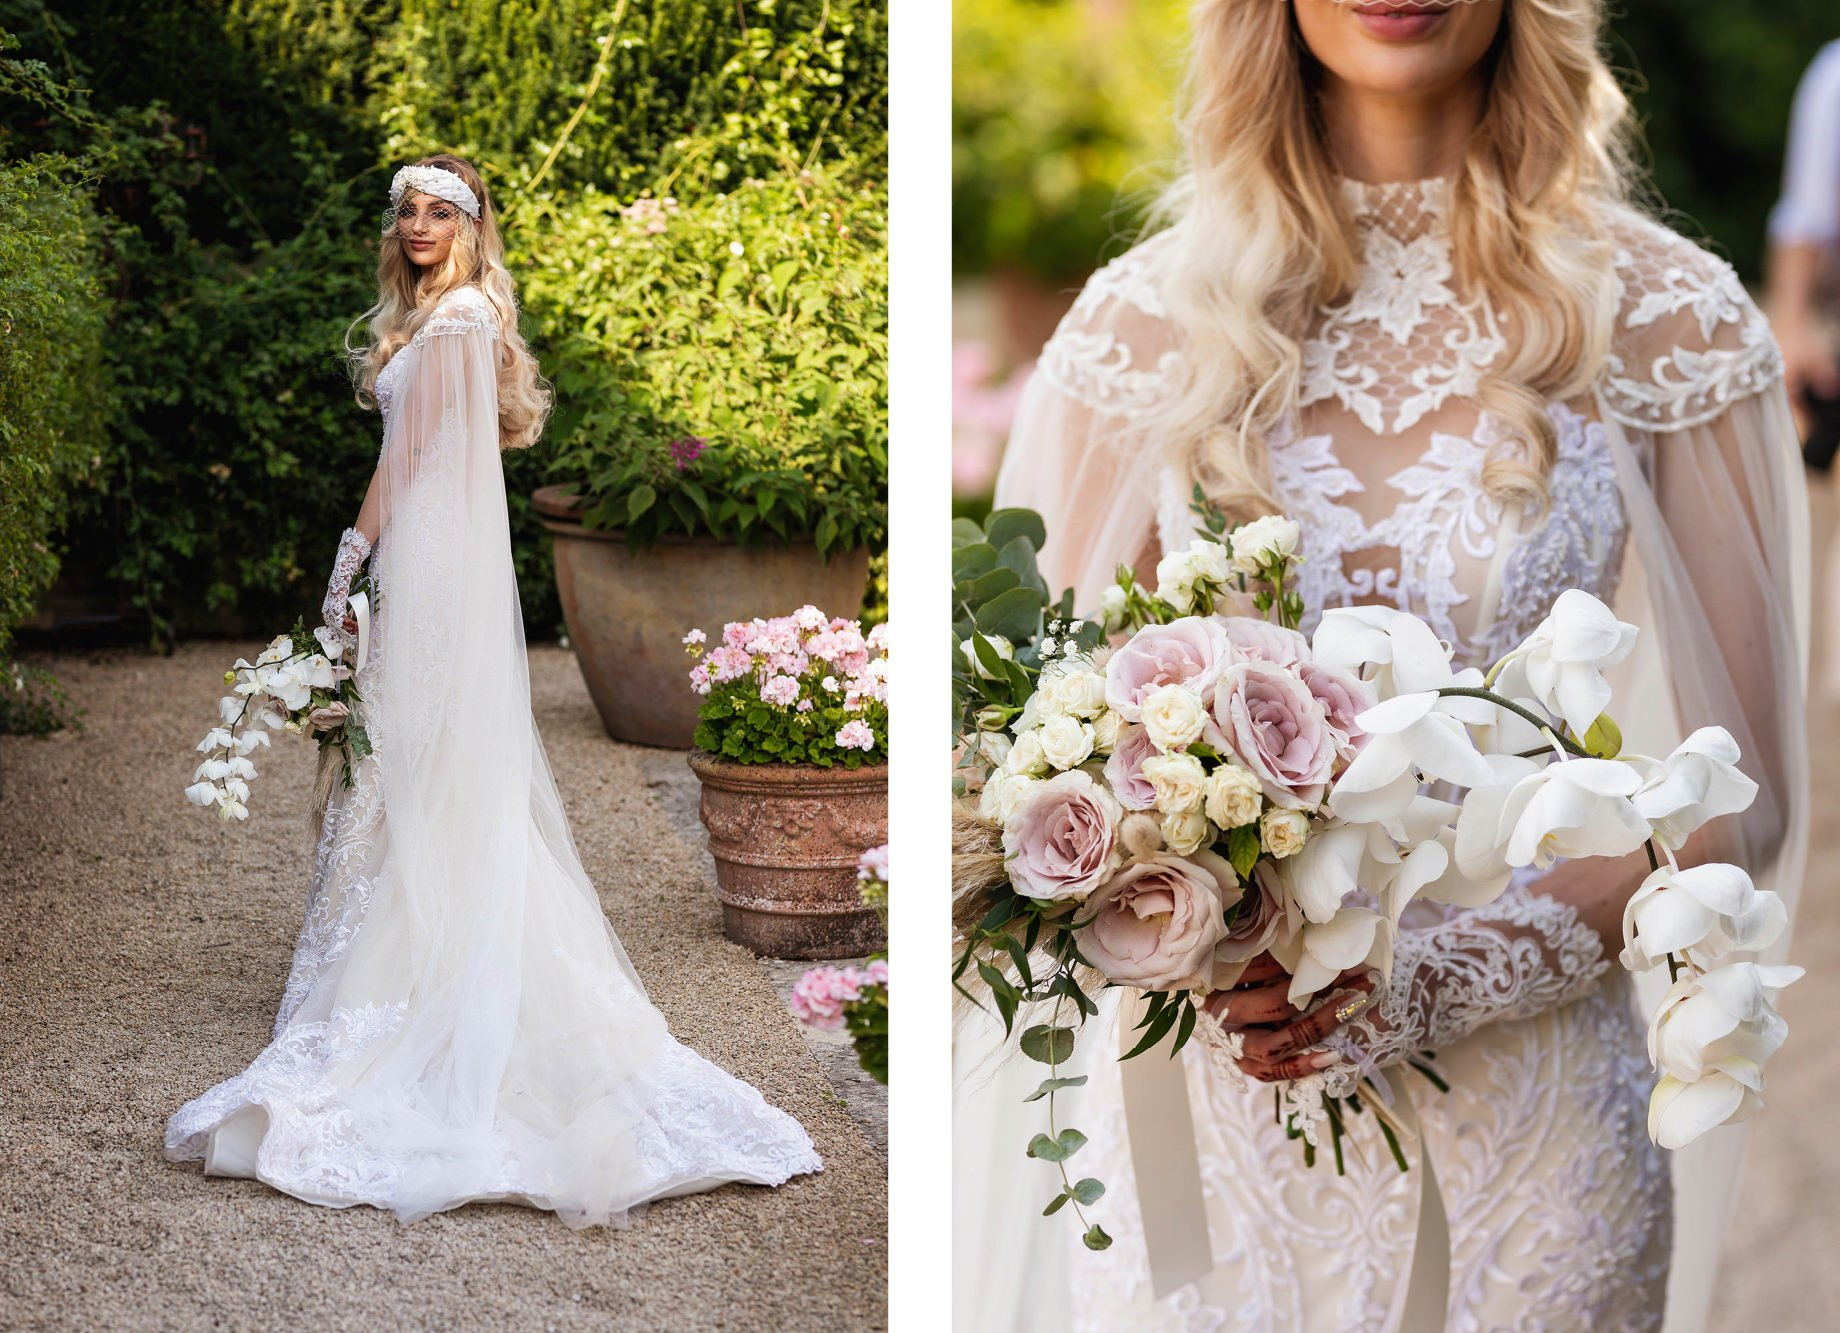 Euridge Manor, Cotswolds, civil ceremony, bridal portrait, bouquet, Cotswolds wedding photographer